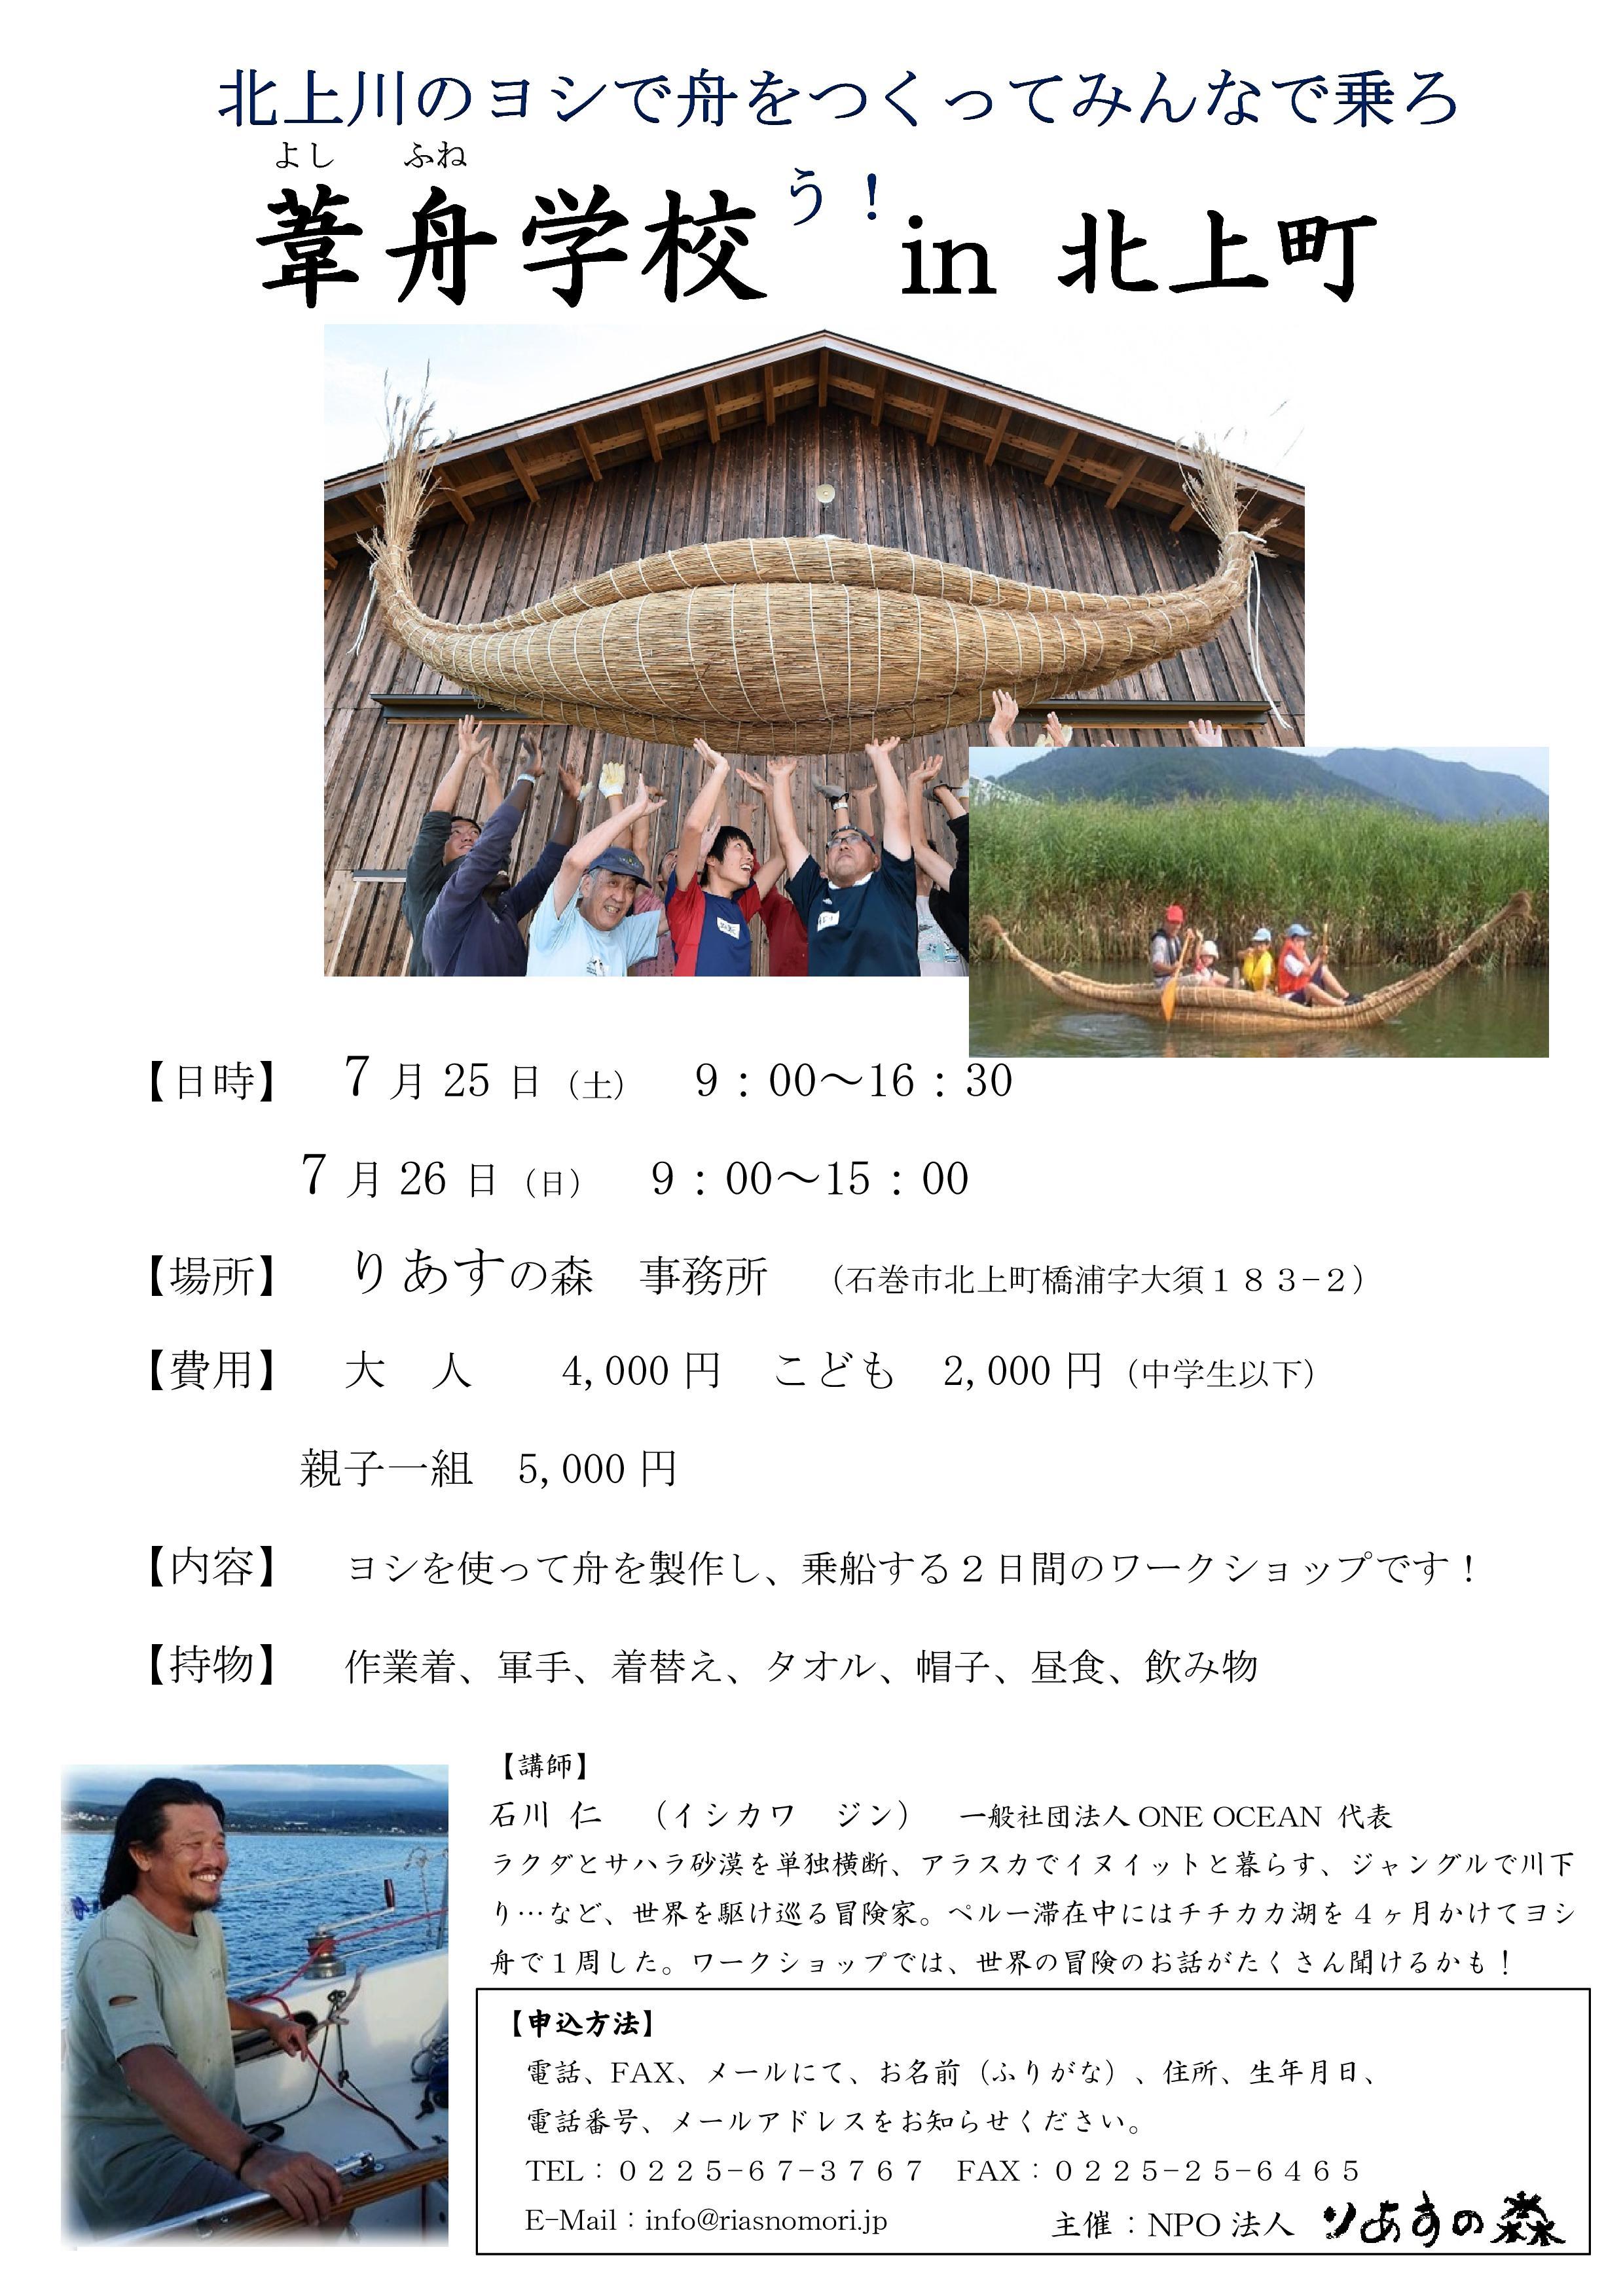 Microsoft Word - ヨシ舟学校in北上町ちらし2015-001